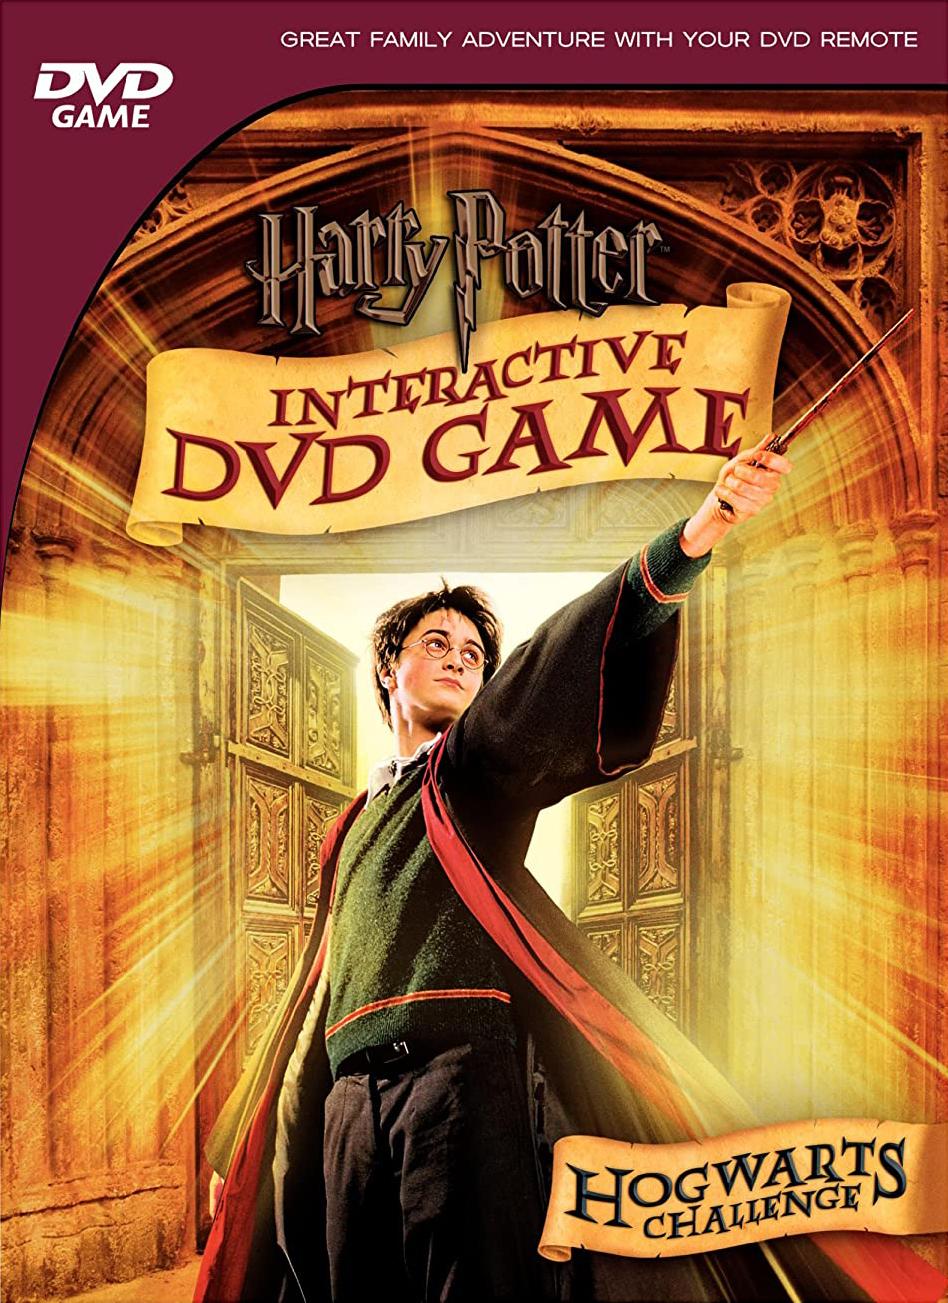 哈利·波特交互式DVD游戏:霍格沃茨的挑战